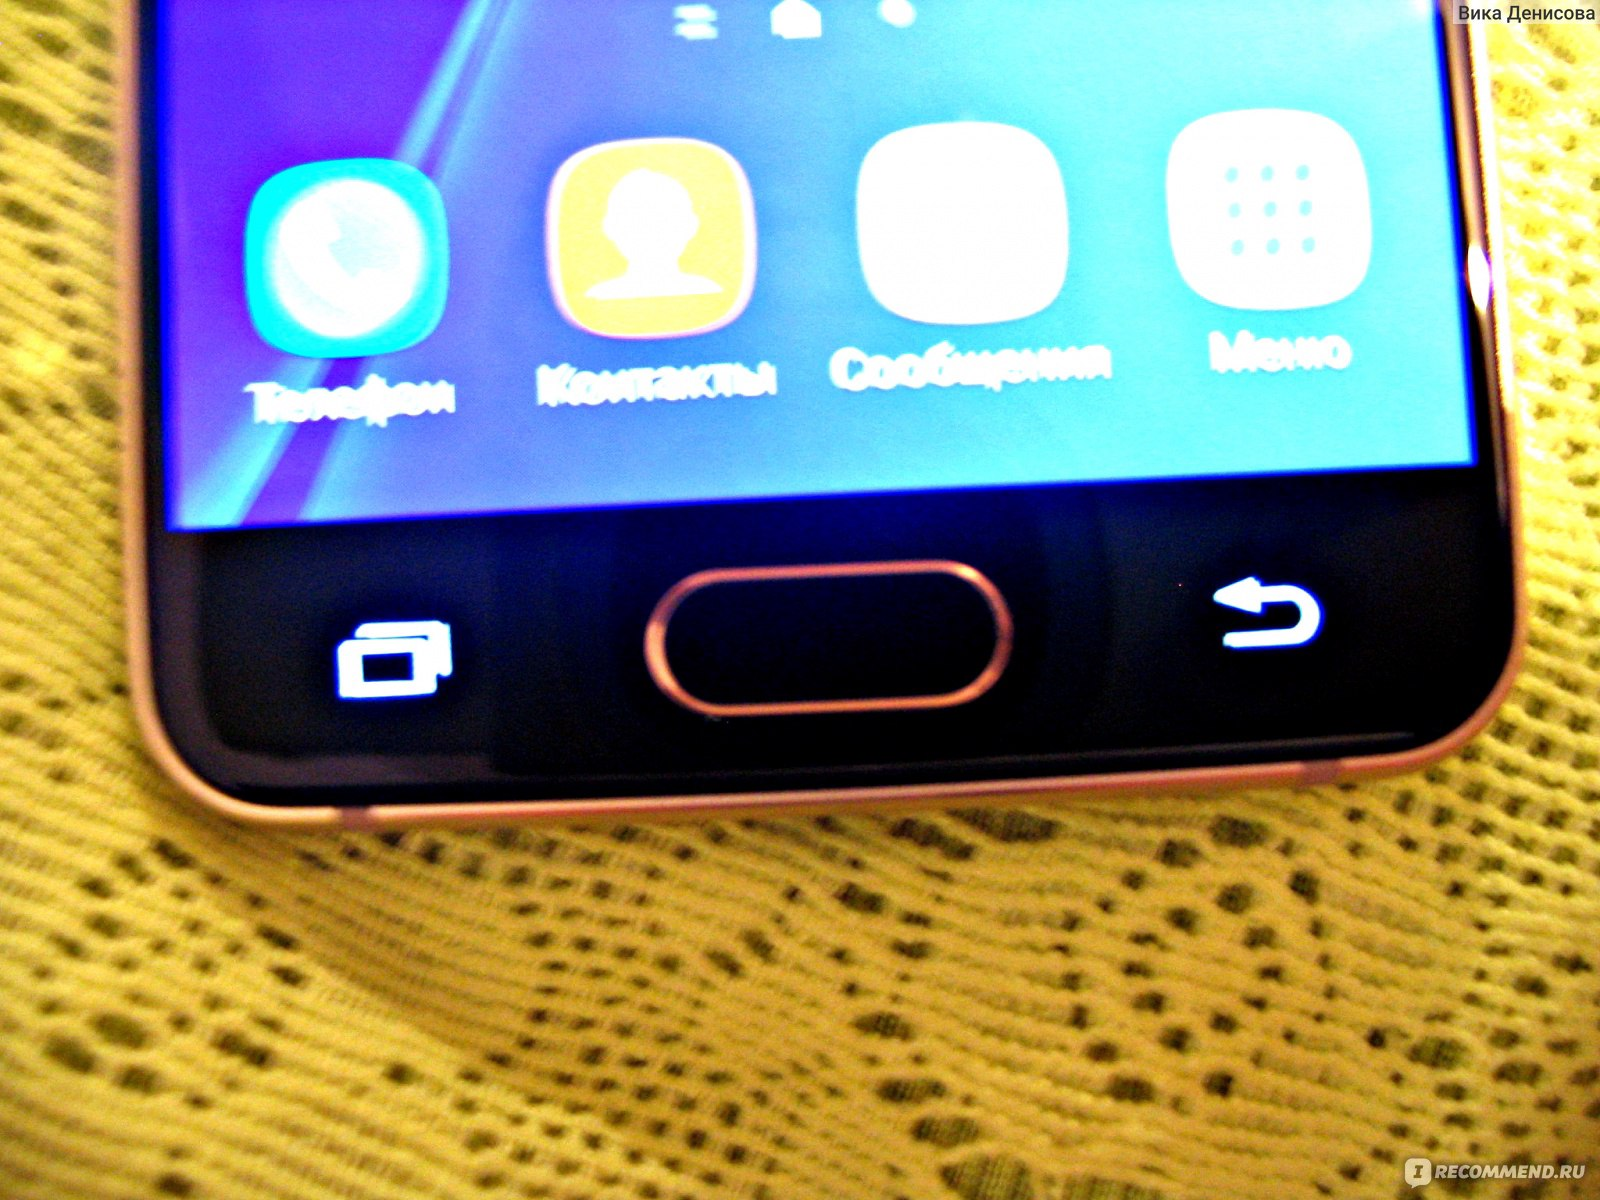 Как установить фото на контакт на смартфоне Samsung Galaxy 17